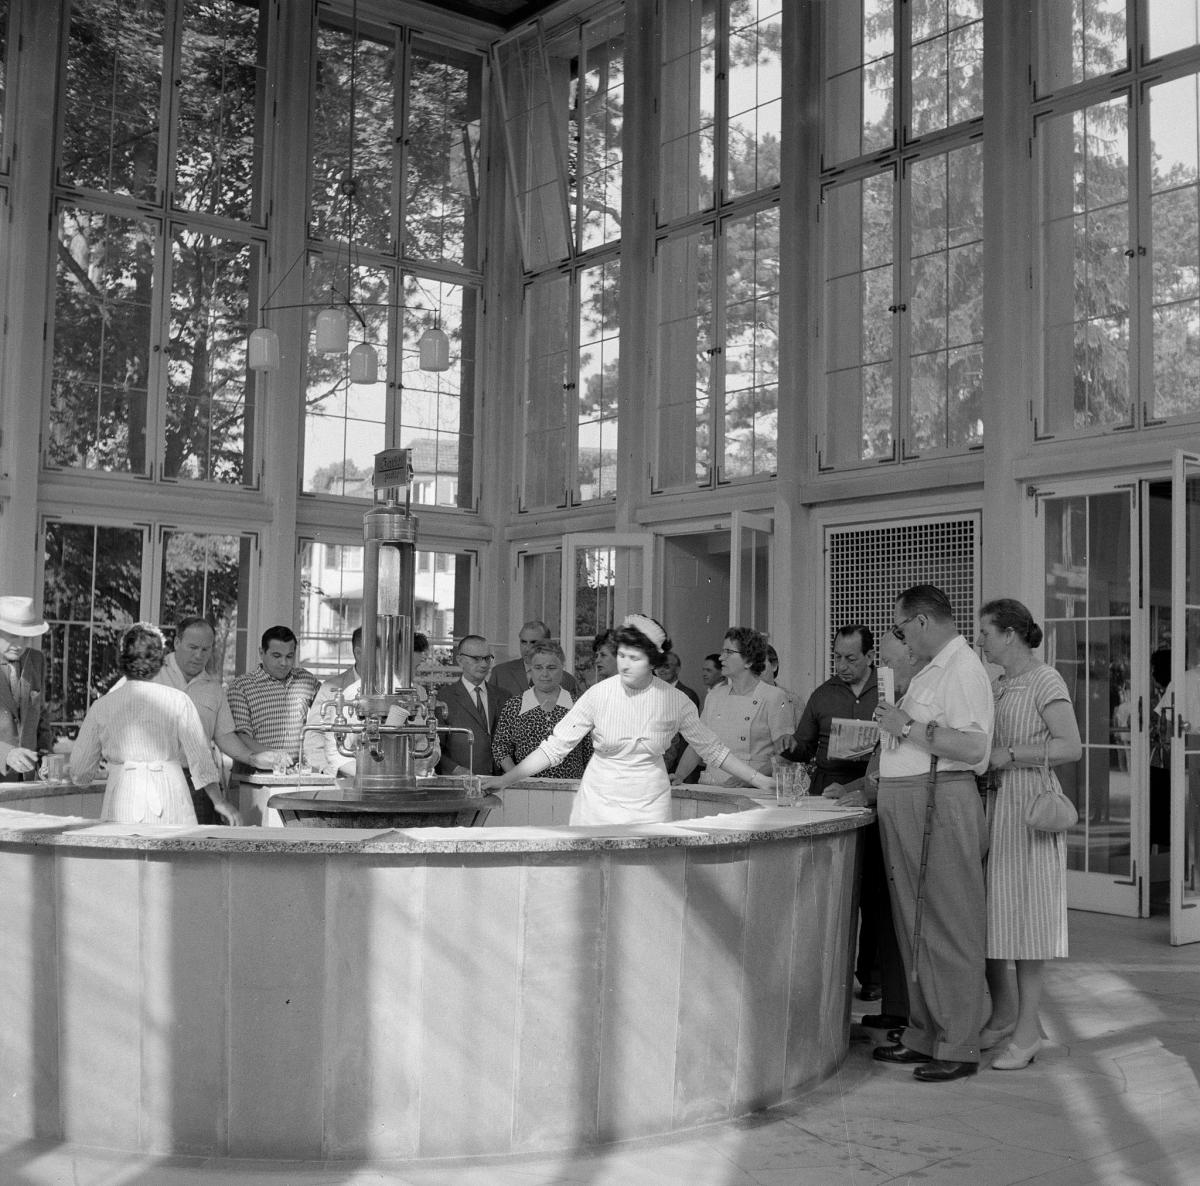 Zwart-witfoto van een kuuroord. In het wit geklede dames vullen glazen met mineraalwater voor de rij wachtenden. De ruimte heeft hoge ramen waardoor buiten veel boomkruinen te zien zijn.